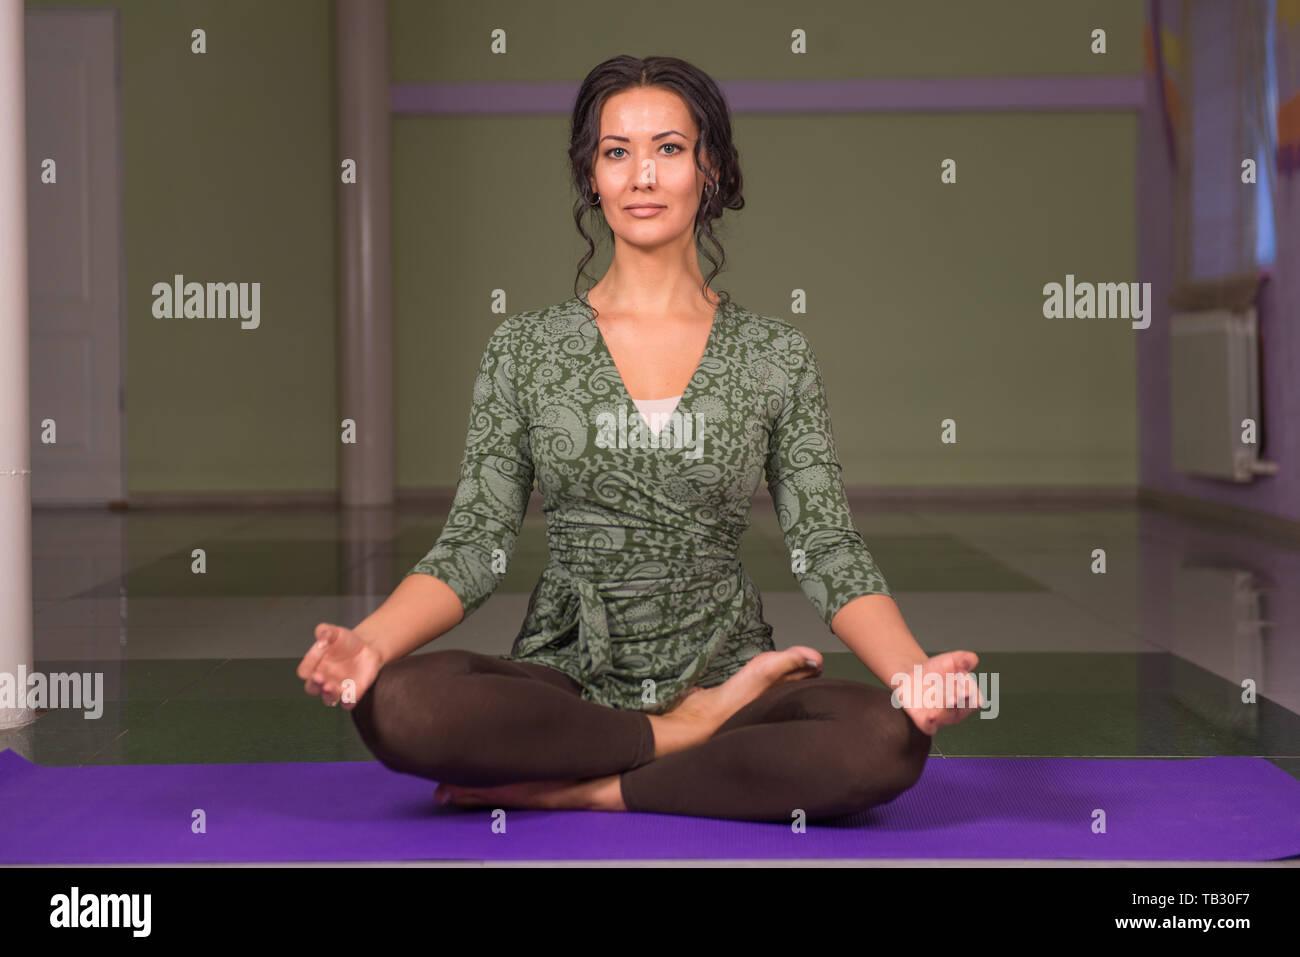 Montre femme yogi yoga positions dans la salle de sport Banque D'Images